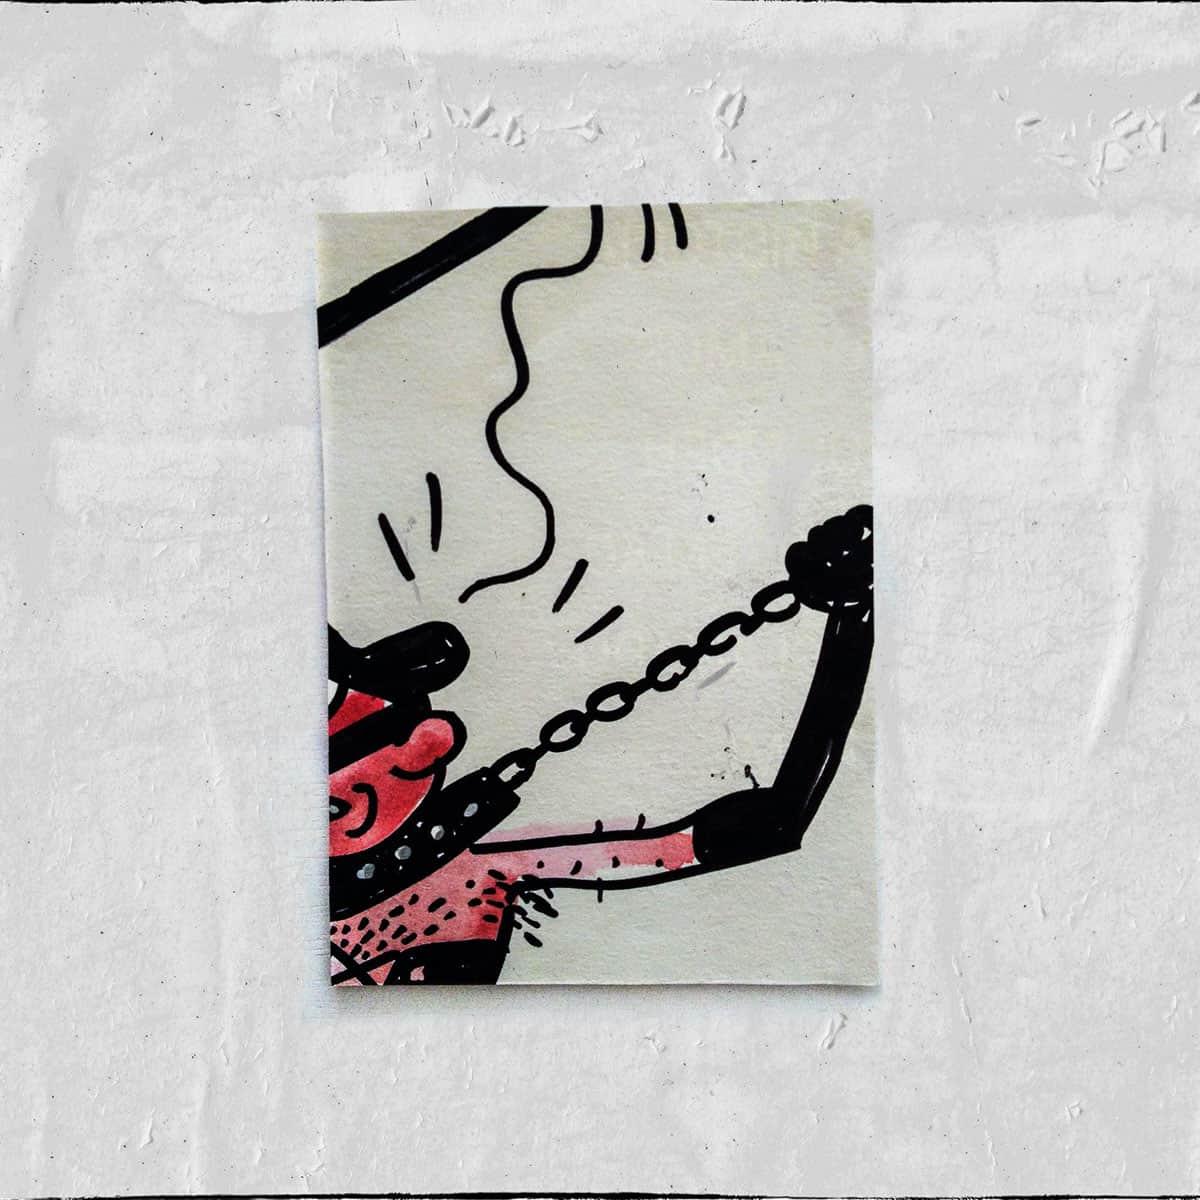 Cartões 18 de janeiro, Colagem — ColetivoPolvora Folha Piauí 18 de janeiro12